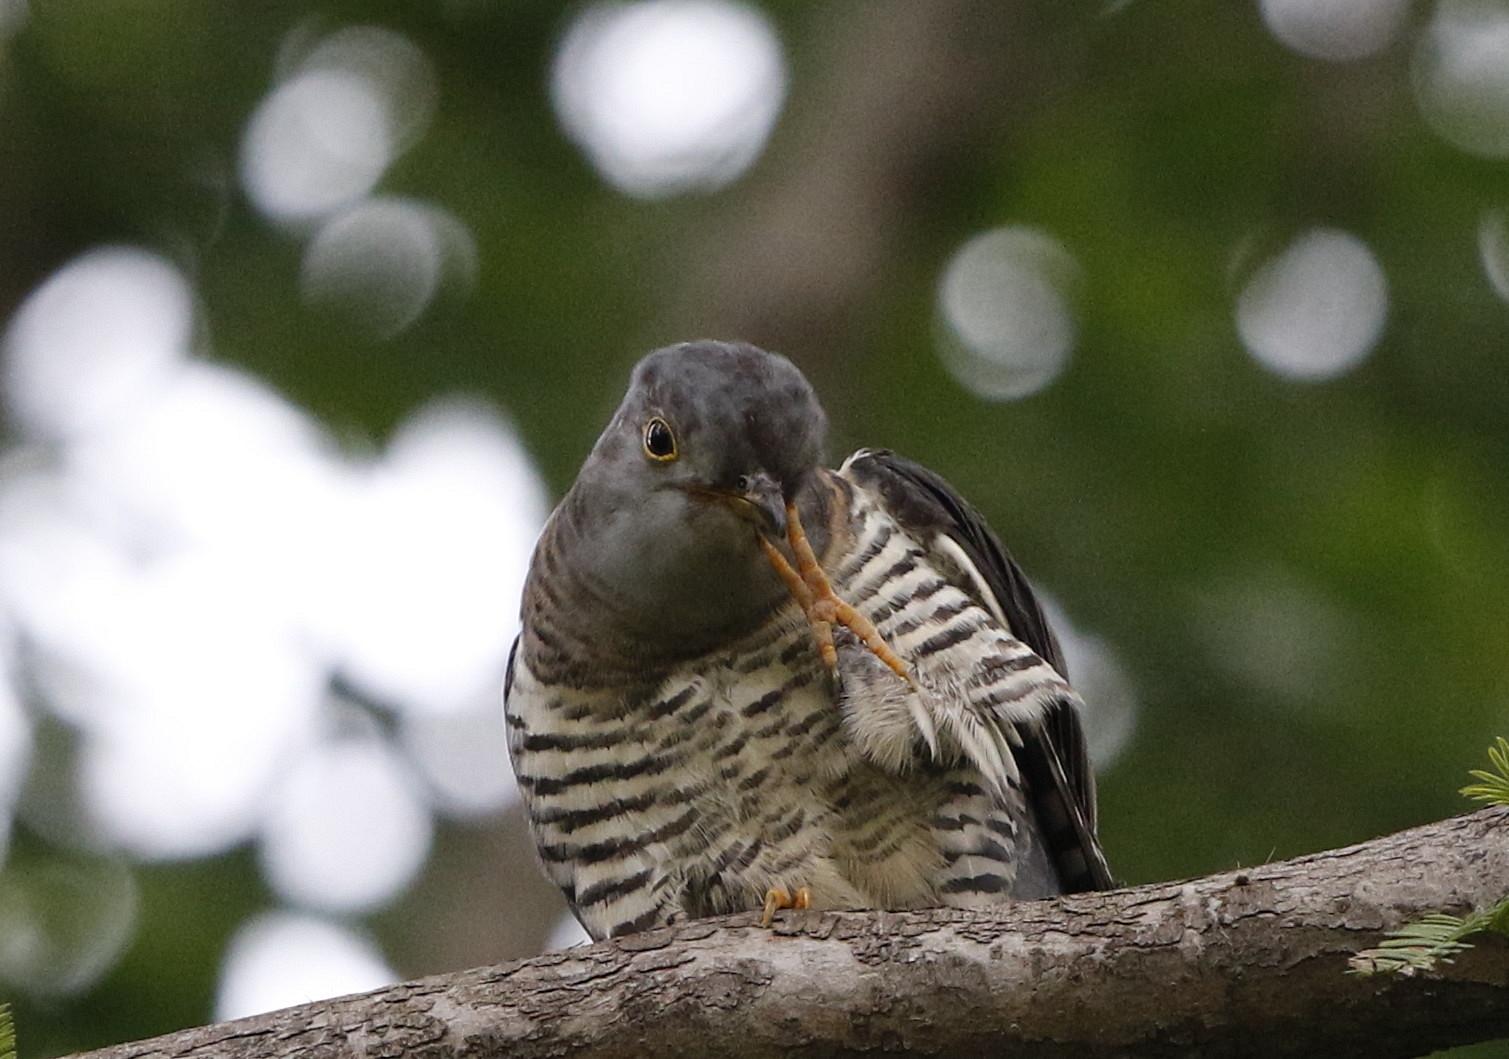 渡りの立ち寄りの鳥を その7(カッコウ)_f0239515_19323537.jpg